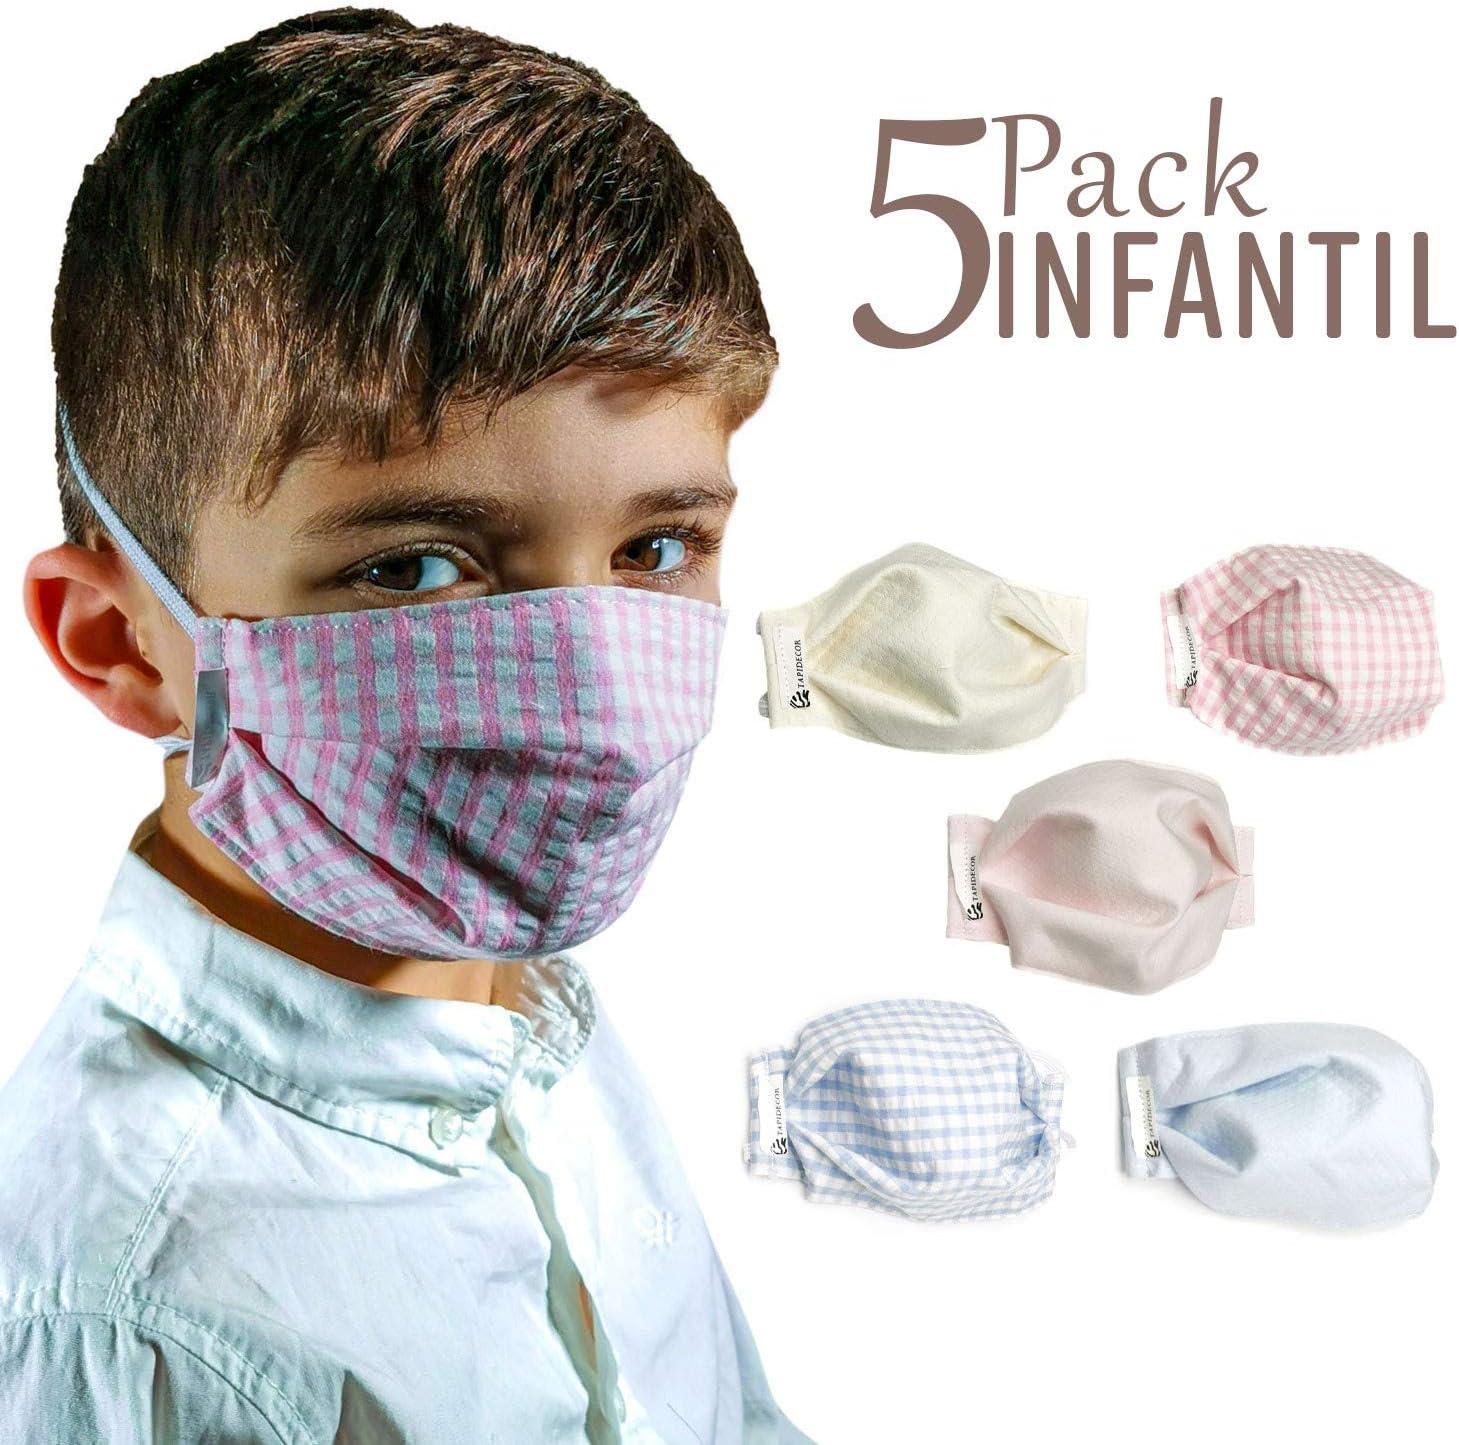 tapidecor Pack 5 Mascarillas Infantiles Lavables Reutilizables 3 Capas Algodón Doble Ajuste elástico